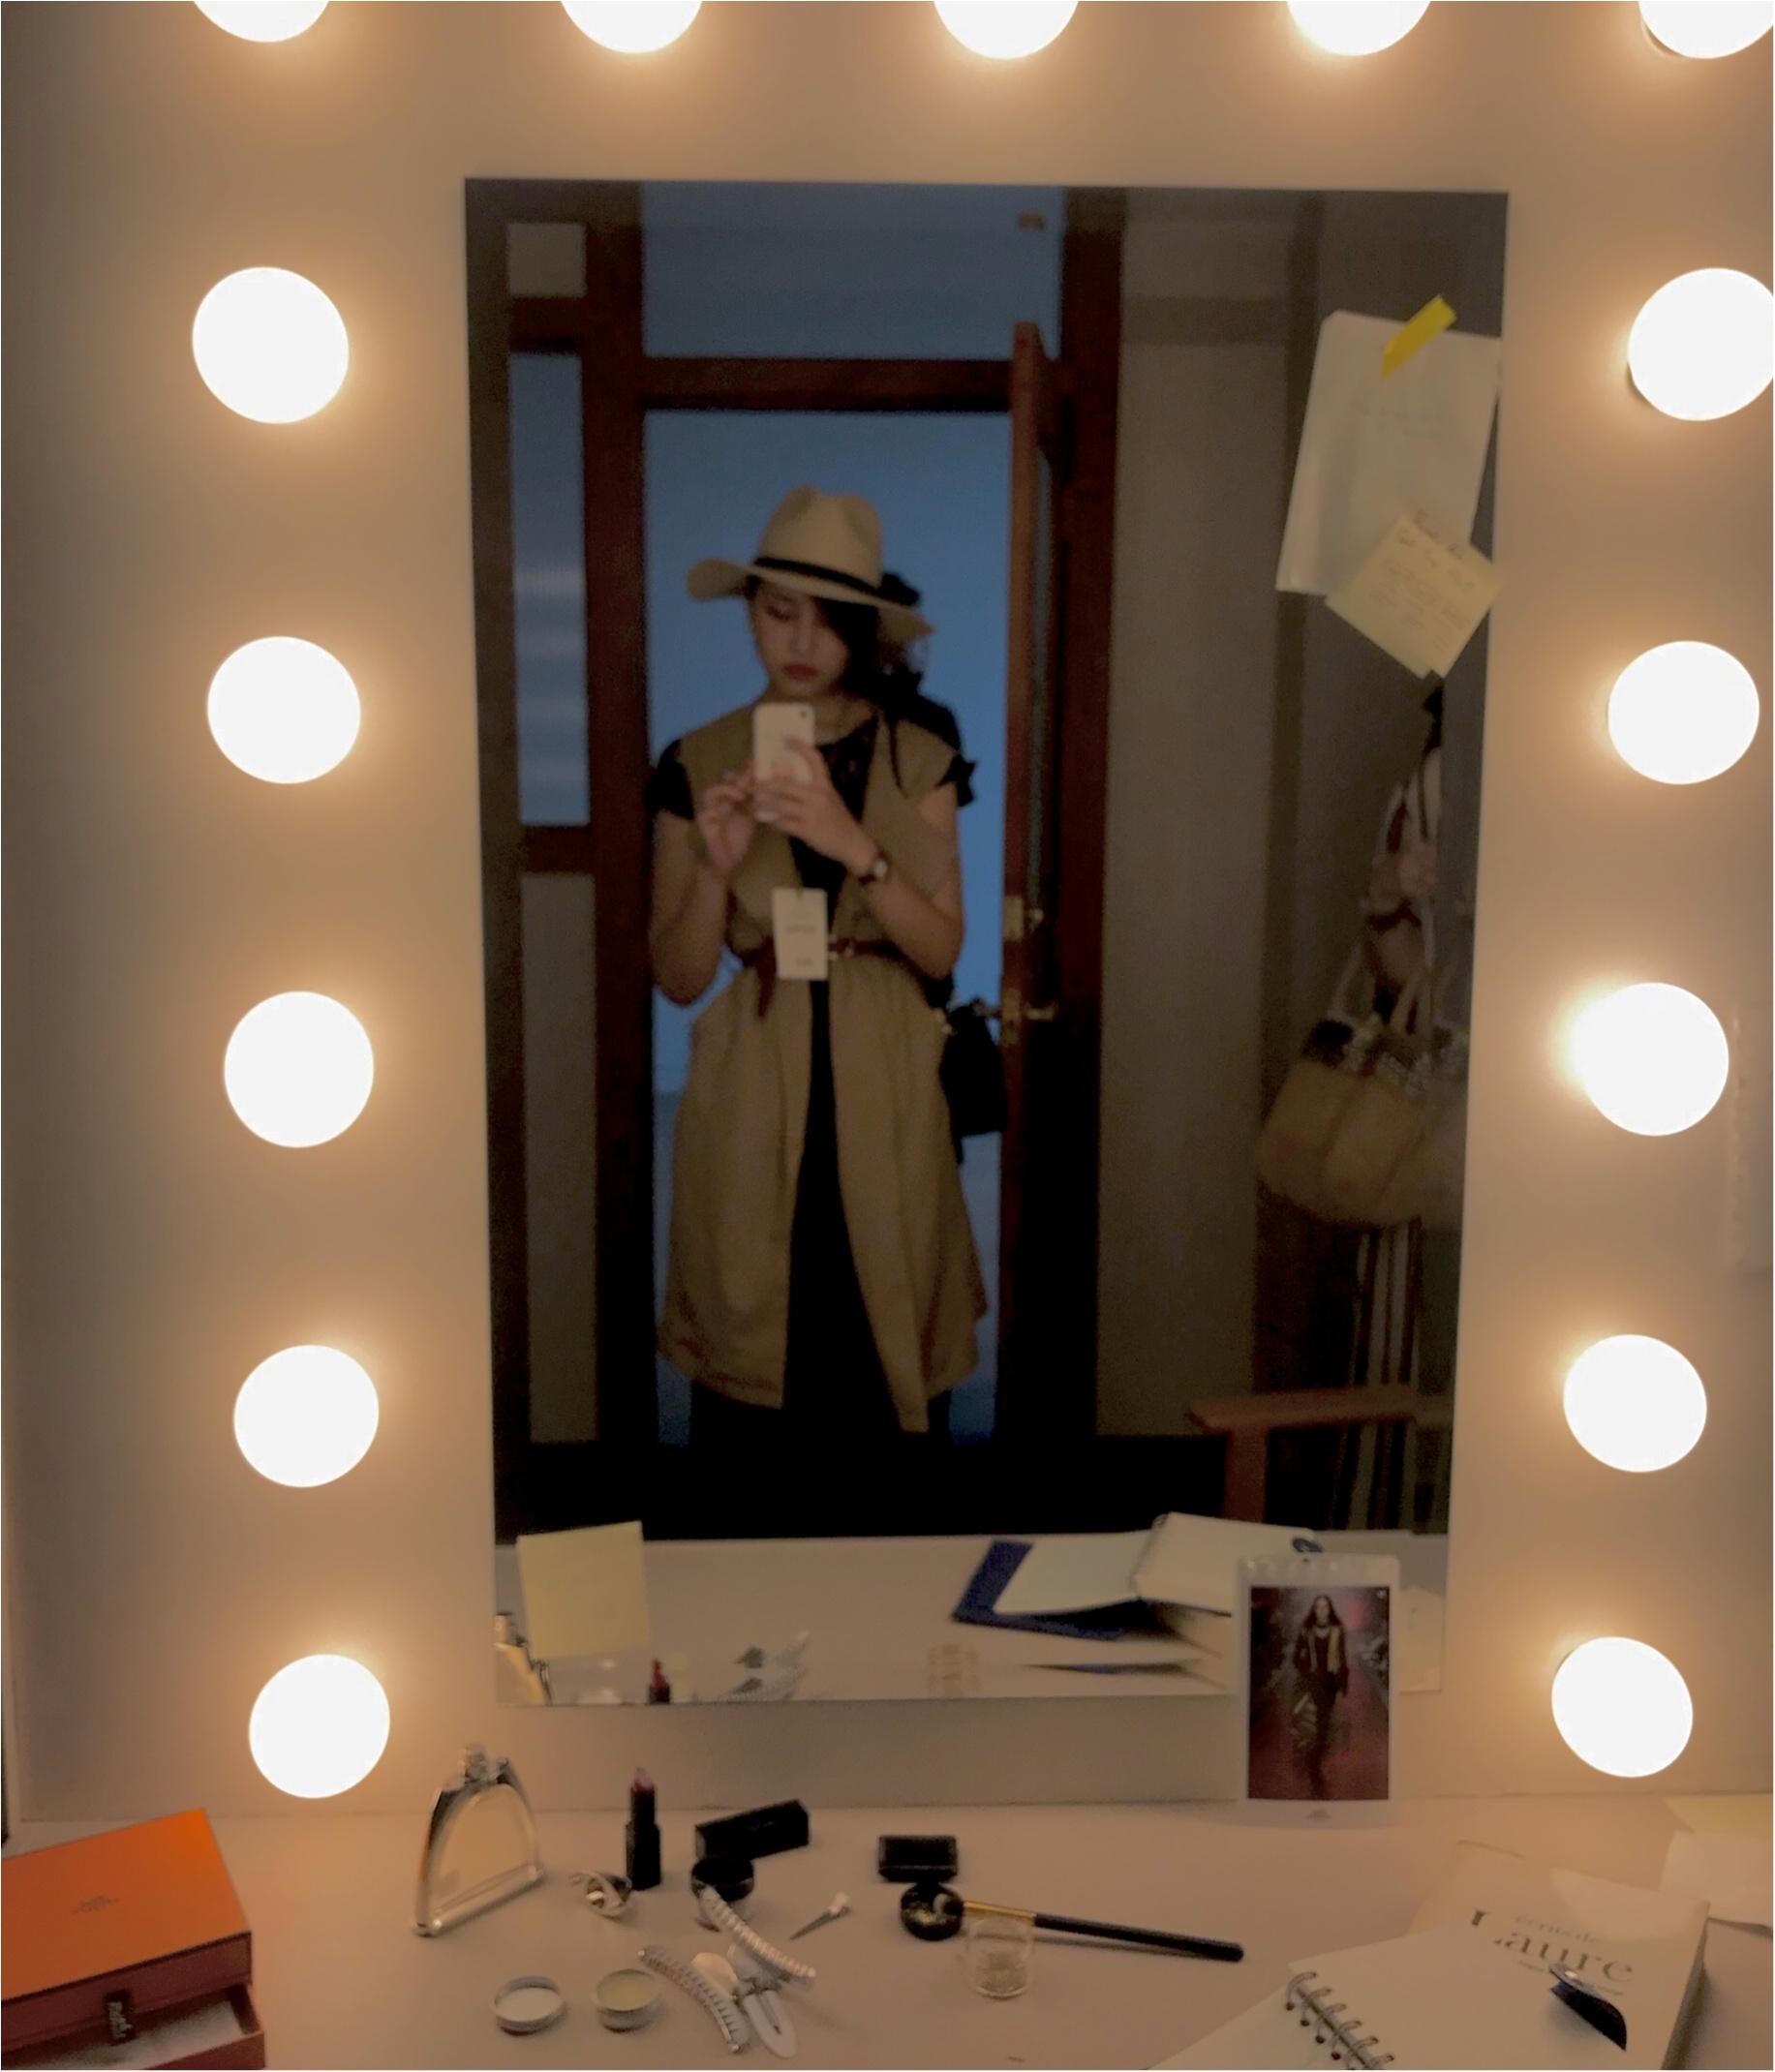 """【HERMES展】六本木で開催中の展示会"""" 彼女と。"""" シネマ体験で映画の世界へ入り込む!_12"""